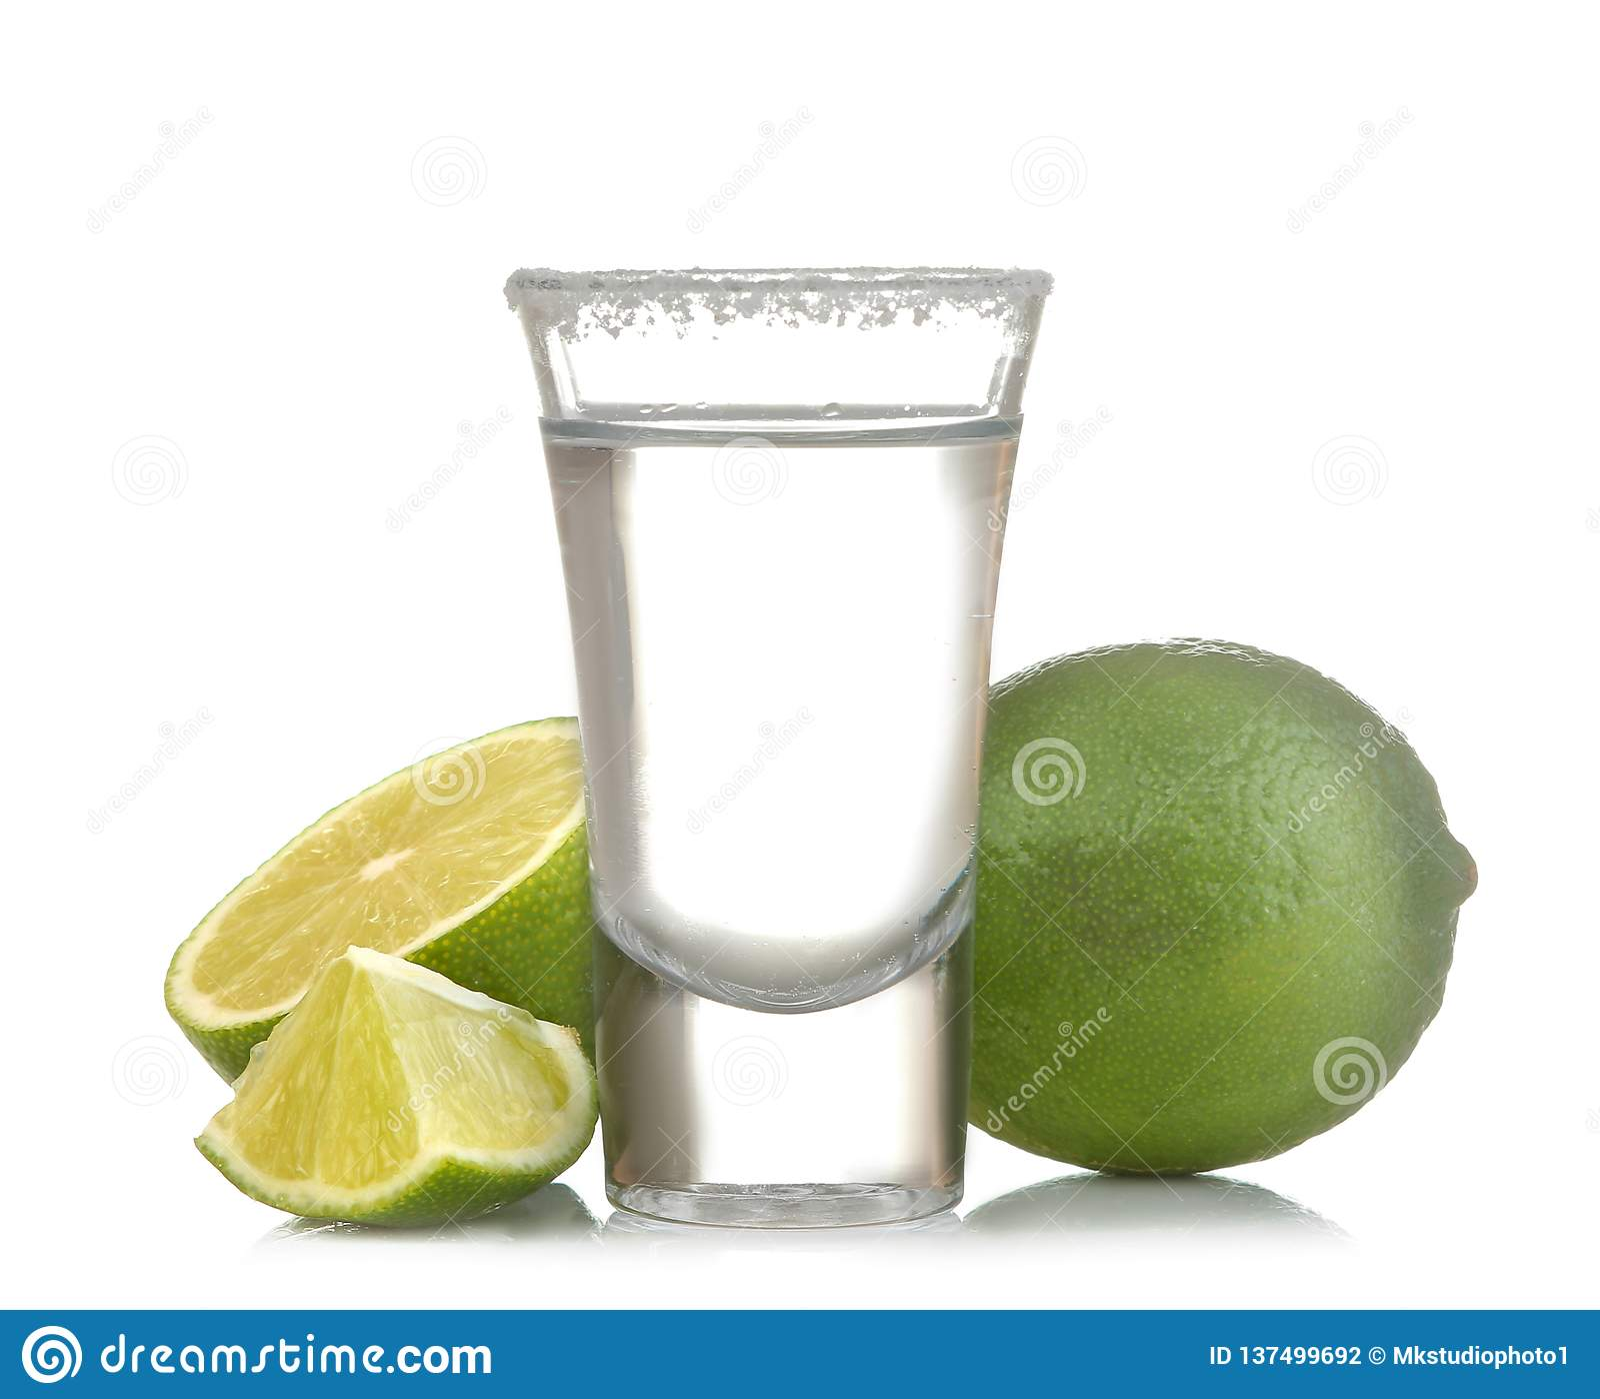 Zilveren tequila in glas/glas- met kalk dichte omhooggaand op een wit isoleerde achtergrond